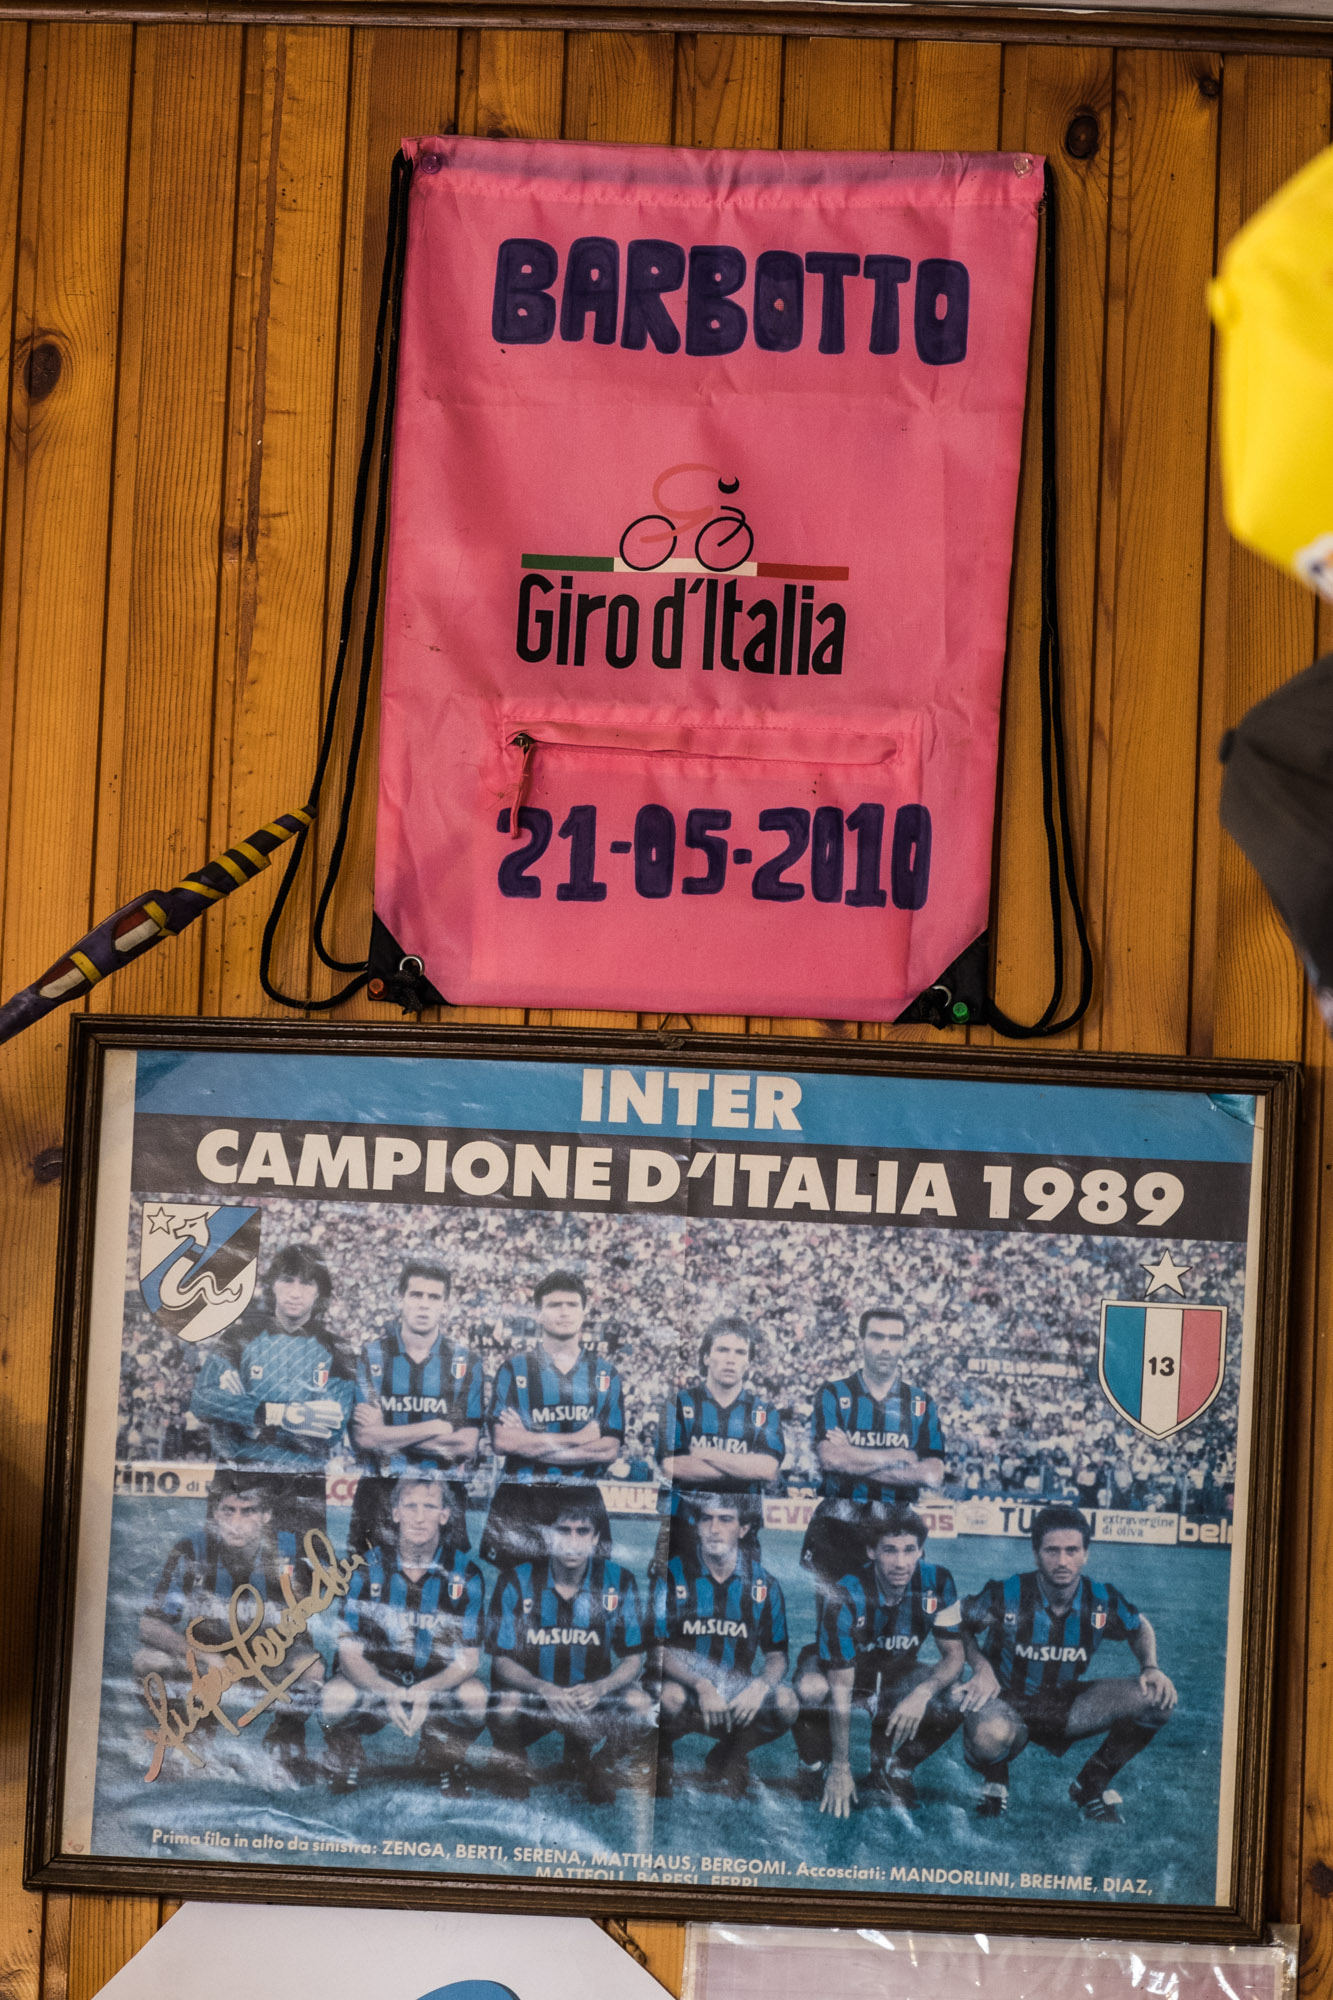 Ein Giro-d'Italia-Wimpel und ein Inter-Mailand-Mannschaftsfoto in einer Bar.